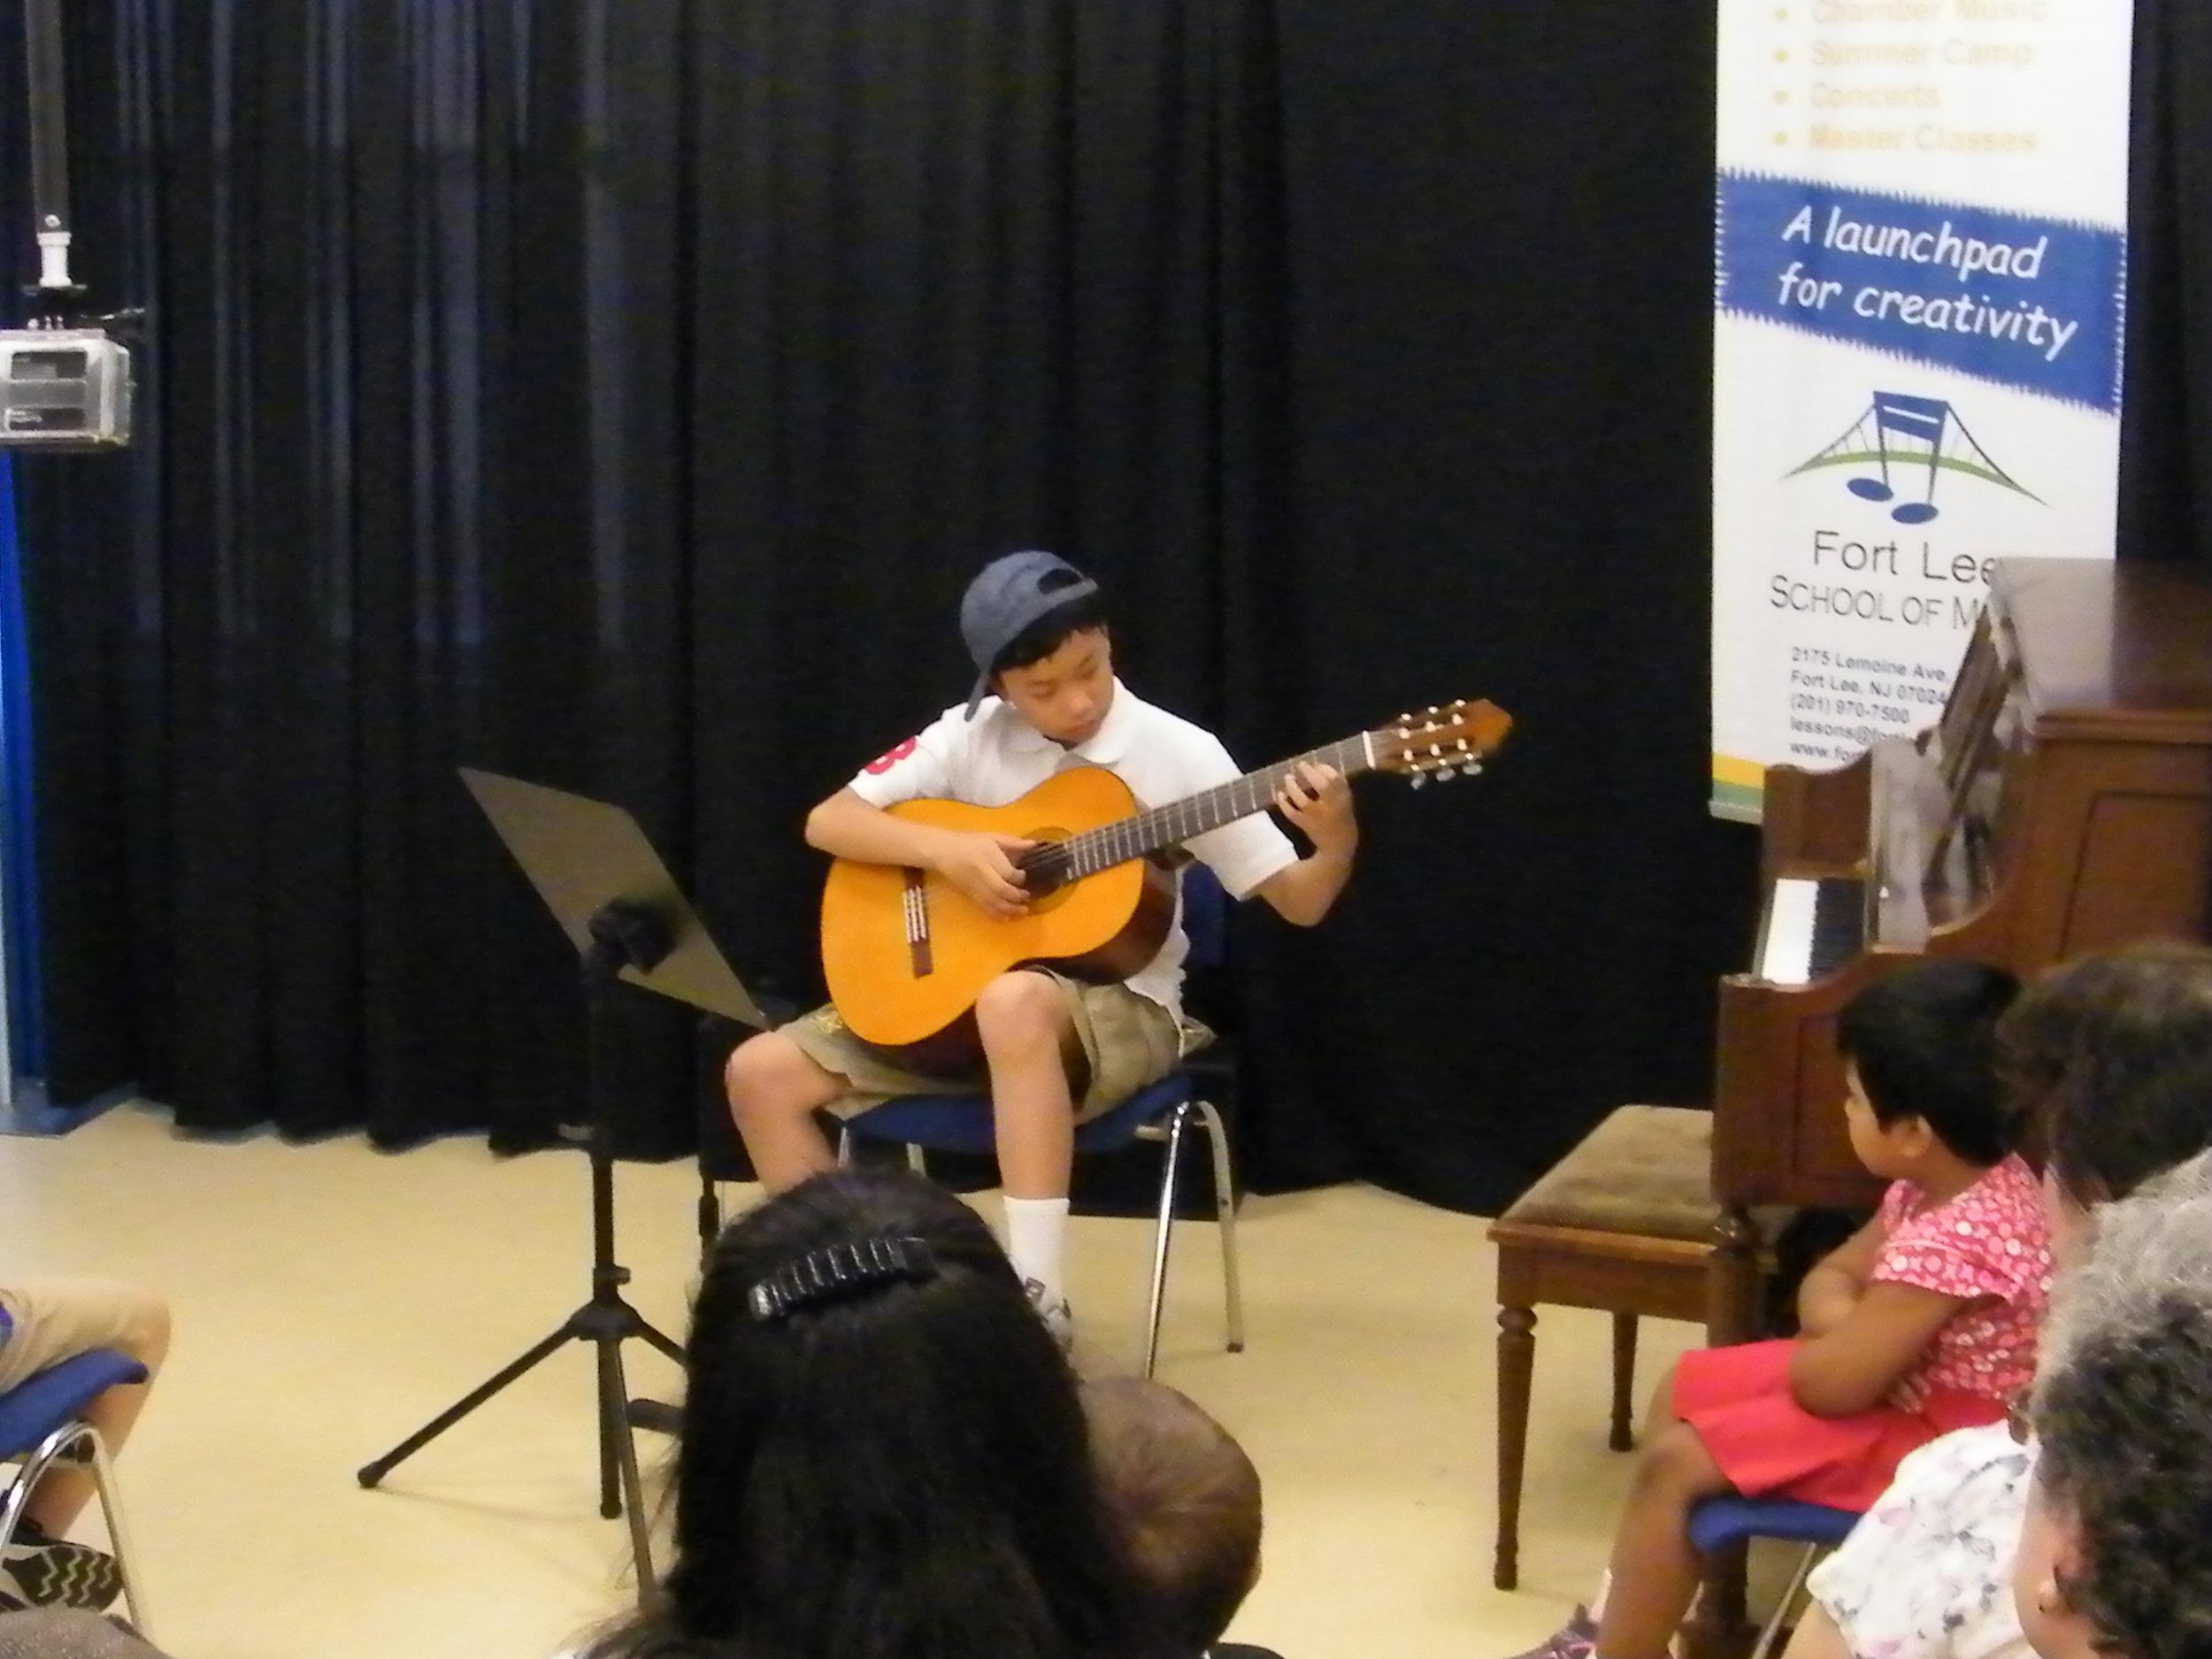 guitar_student_performing.JPG